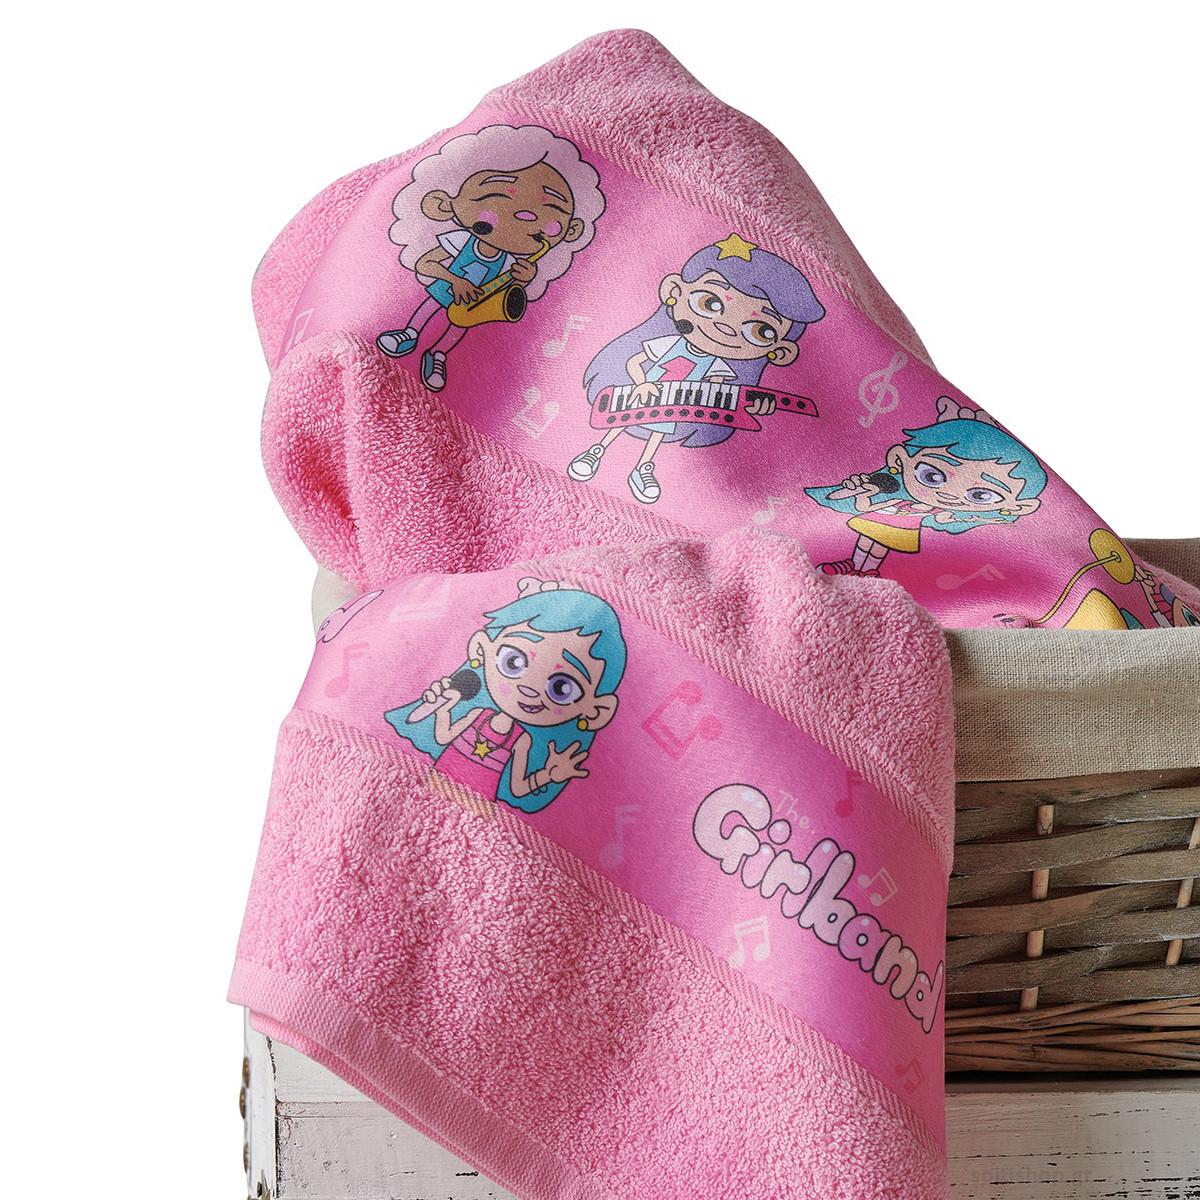 Παιδικές Πετσέτες (Σετ 2τμχ) Kentia Kids Notes home   παιδικά   πετσέτες παιδικές